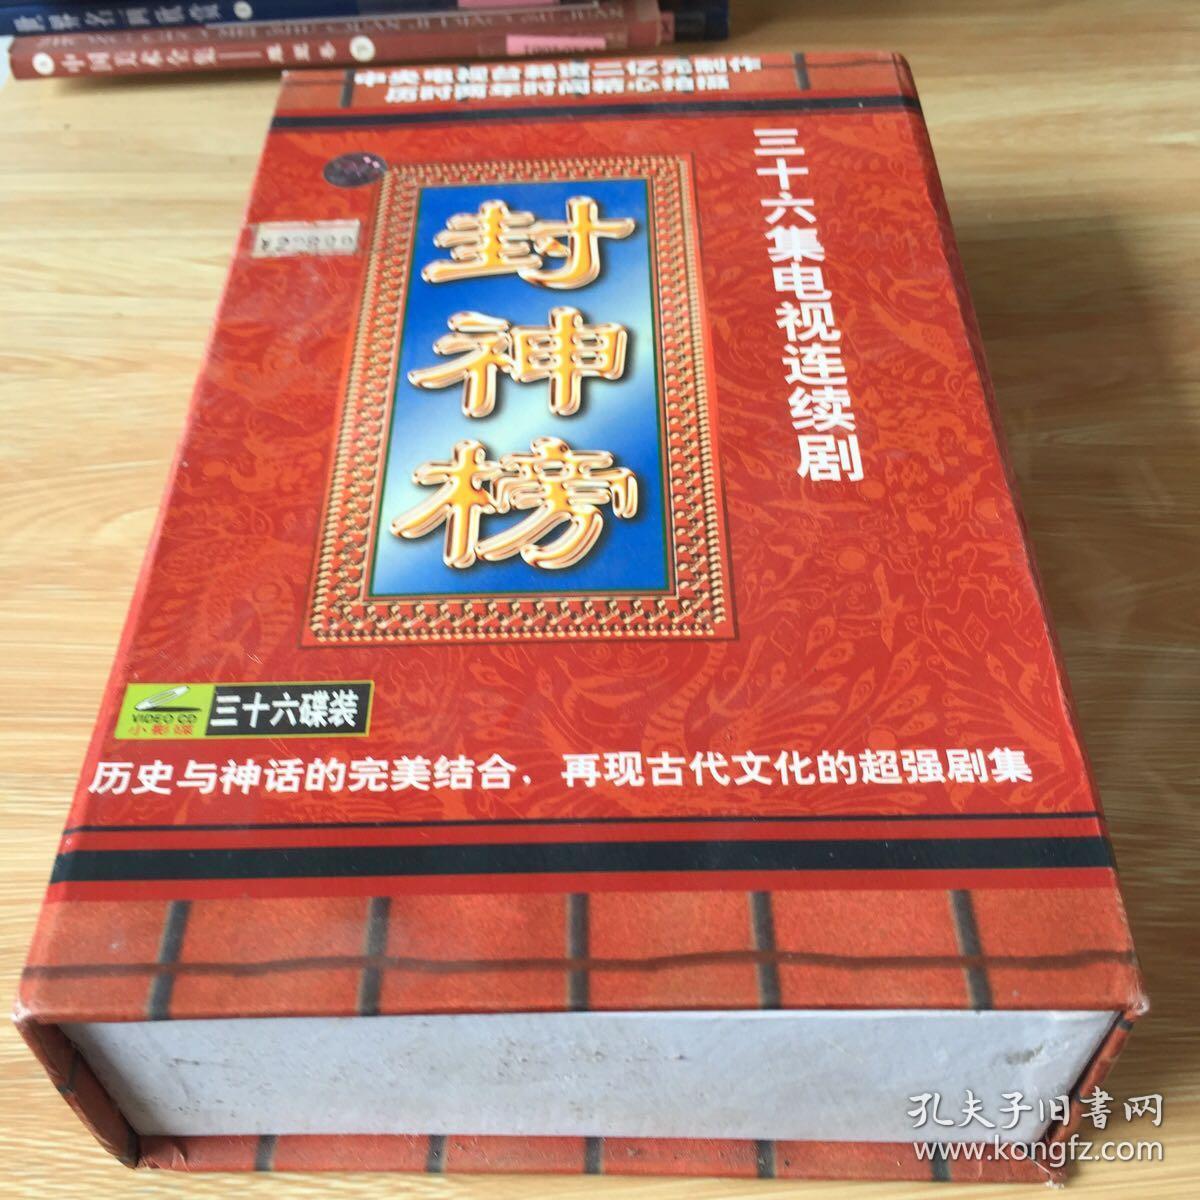 封神榜 三十六集电视连续剧 vcd完整版 三十六碟盒装